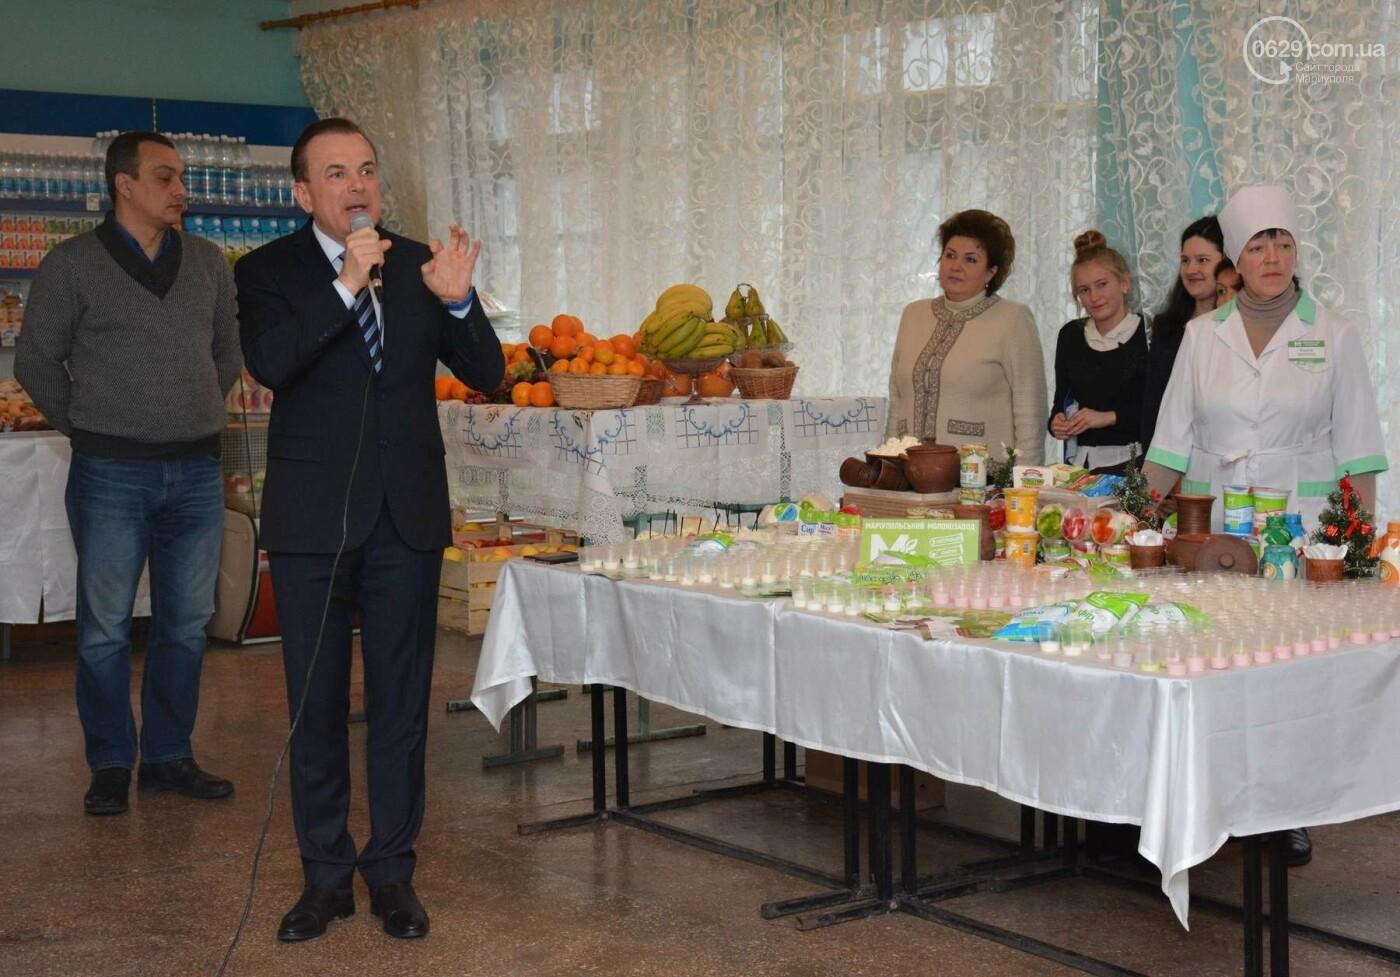 Больше молочных и мясных блюд, свежих овощей и фруктов: в ОШ № 15 представили обновленное меню для школьников., фото-16